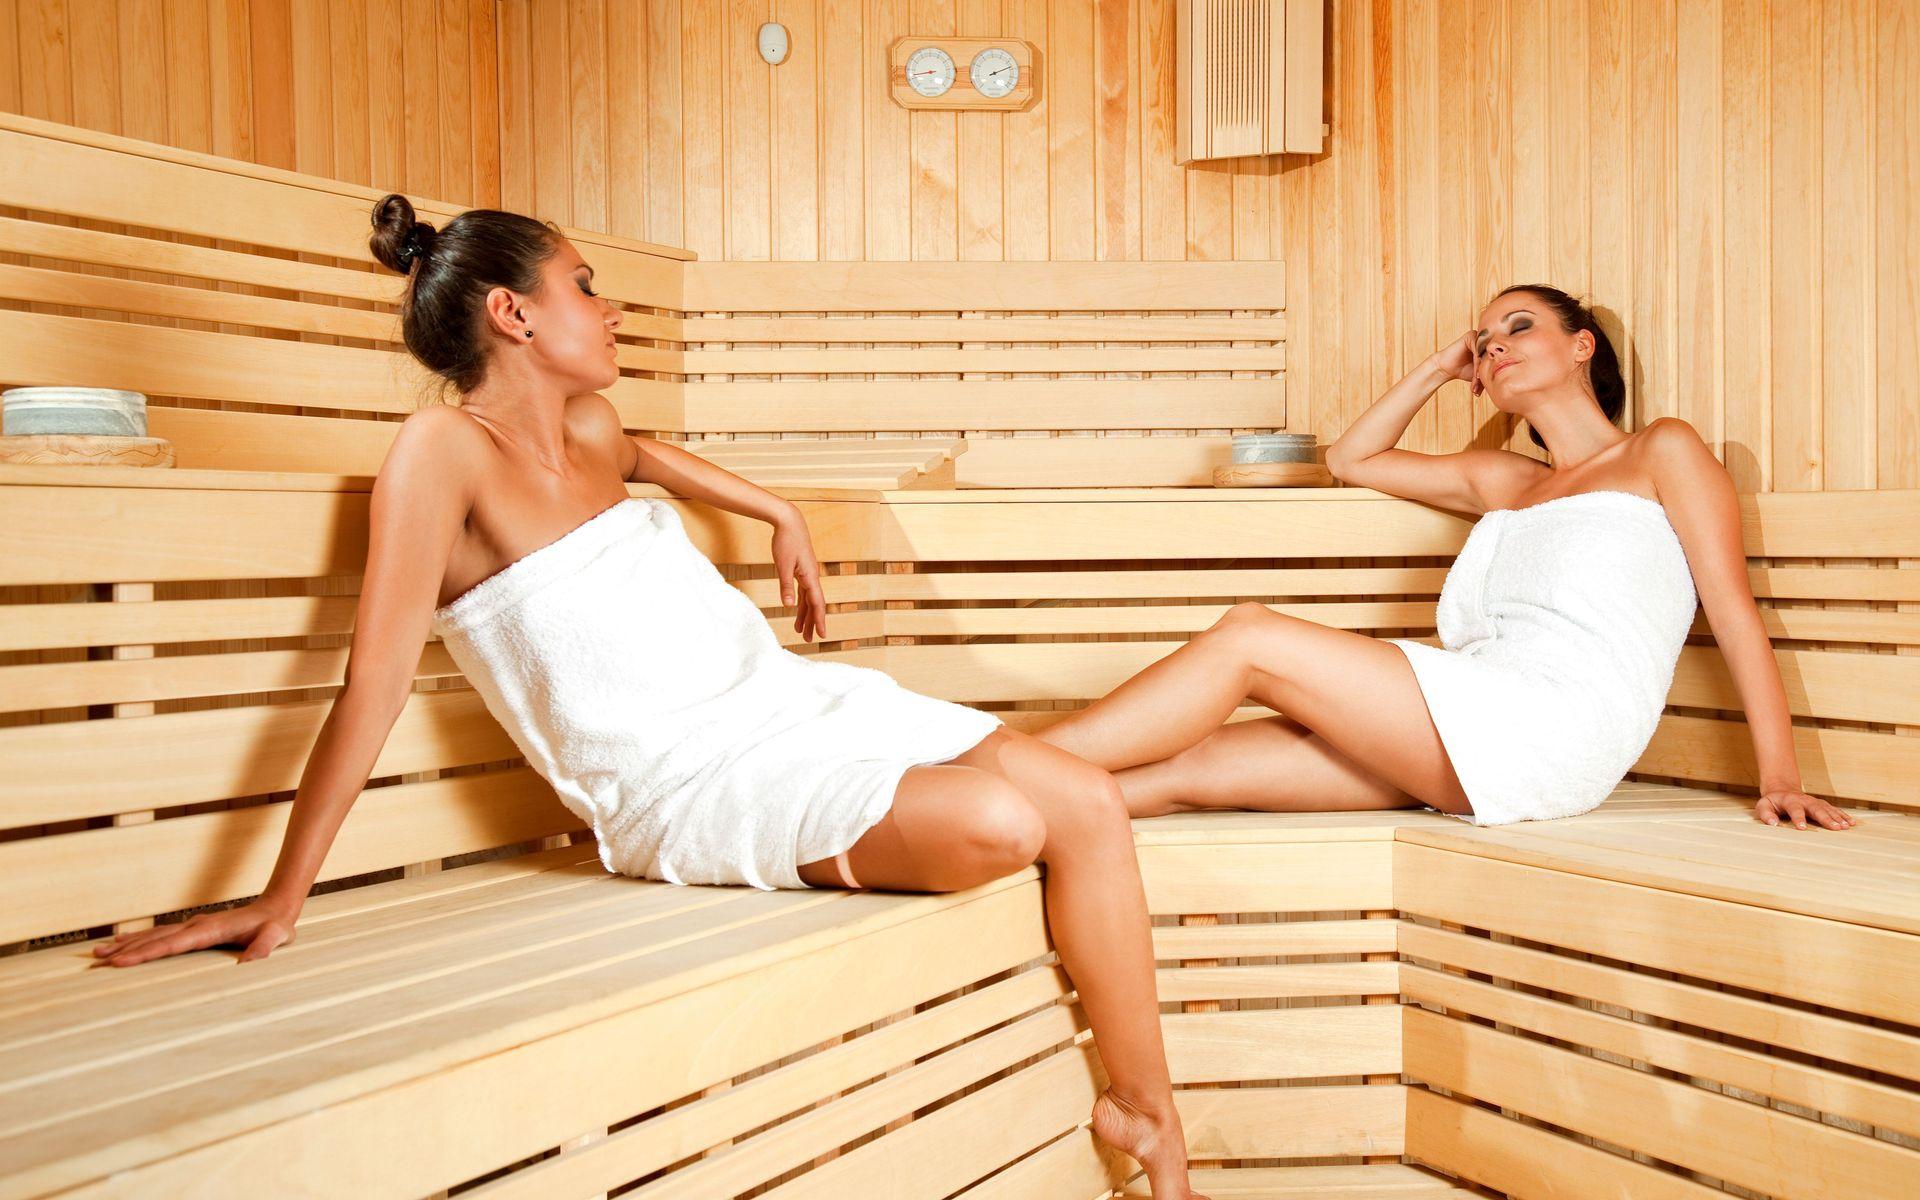 Что делает девушка в бане 4 фотография